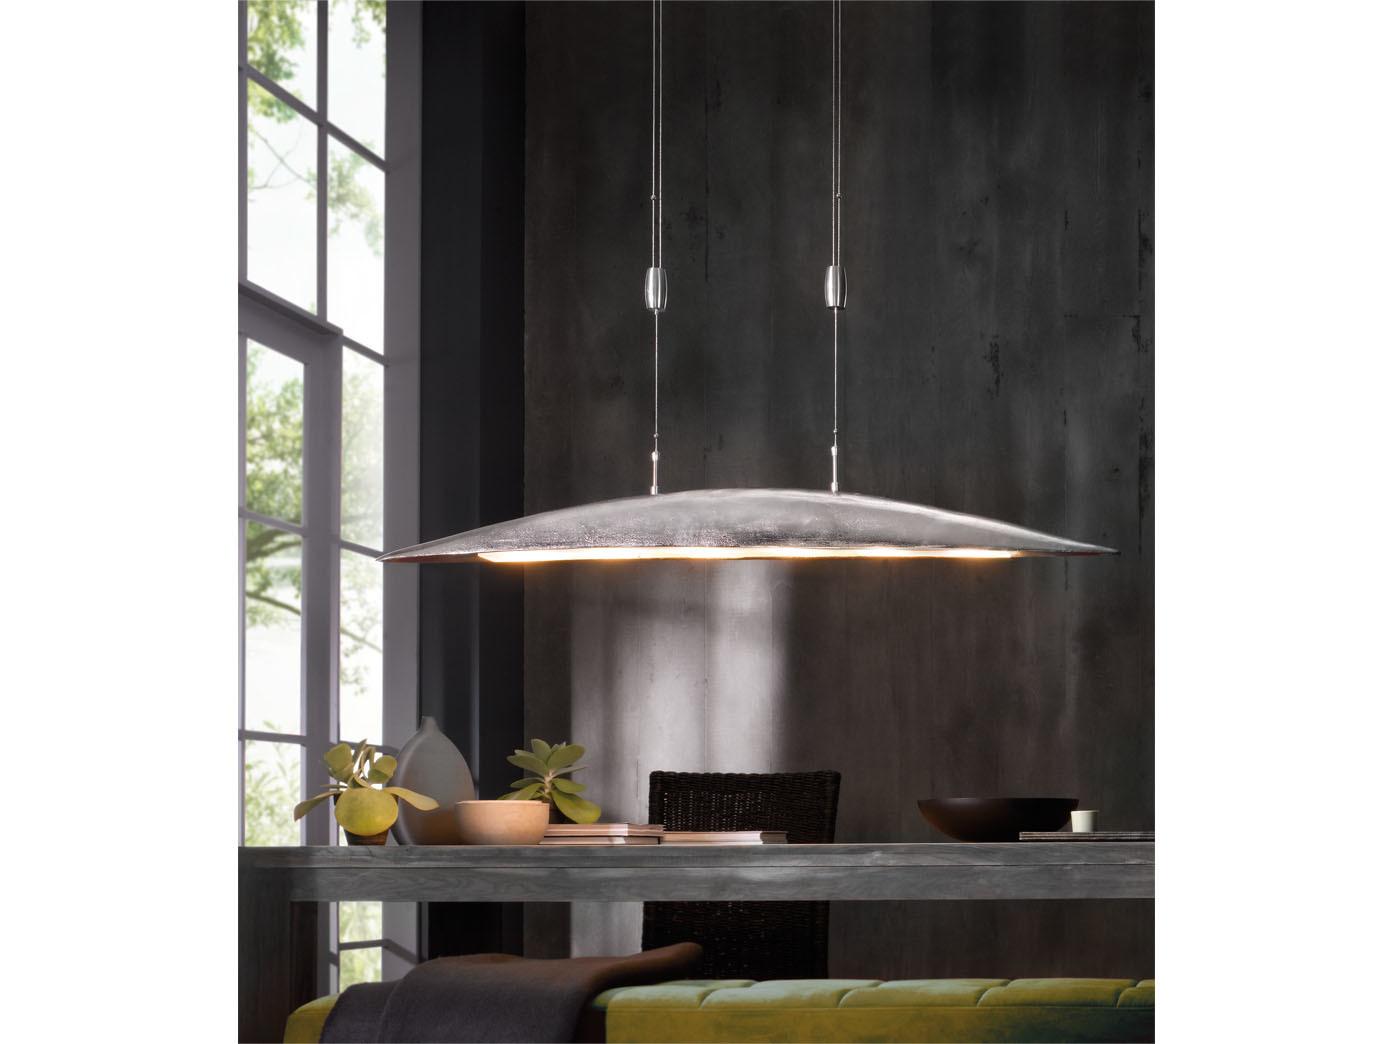 fischer led pendelleuchte shine alu h henverstellbar. Black Bedroom Furniture Sets. Home Design Ideas